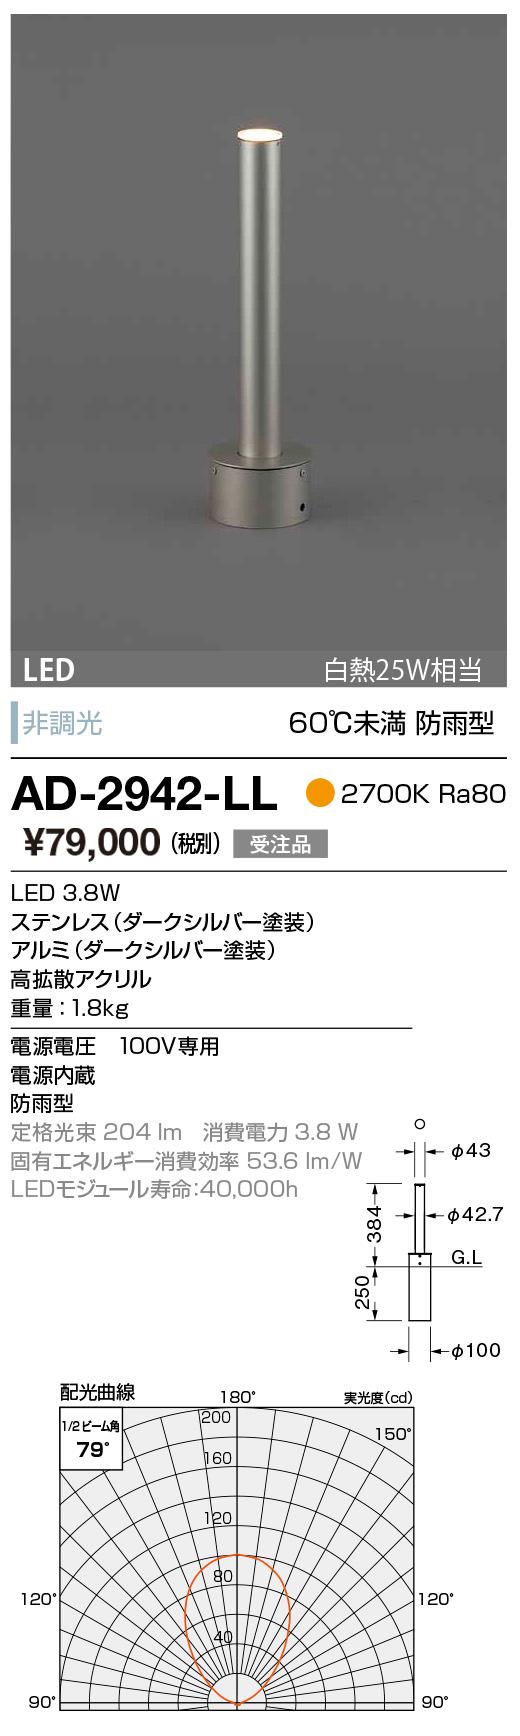 AD-2942-LL 山田照明 照明器具 エクステリア LED一体型スーパースリムガーデンライト アッパー配光 電球色 白熱25W相当 非調光 60℃未満 防雨型